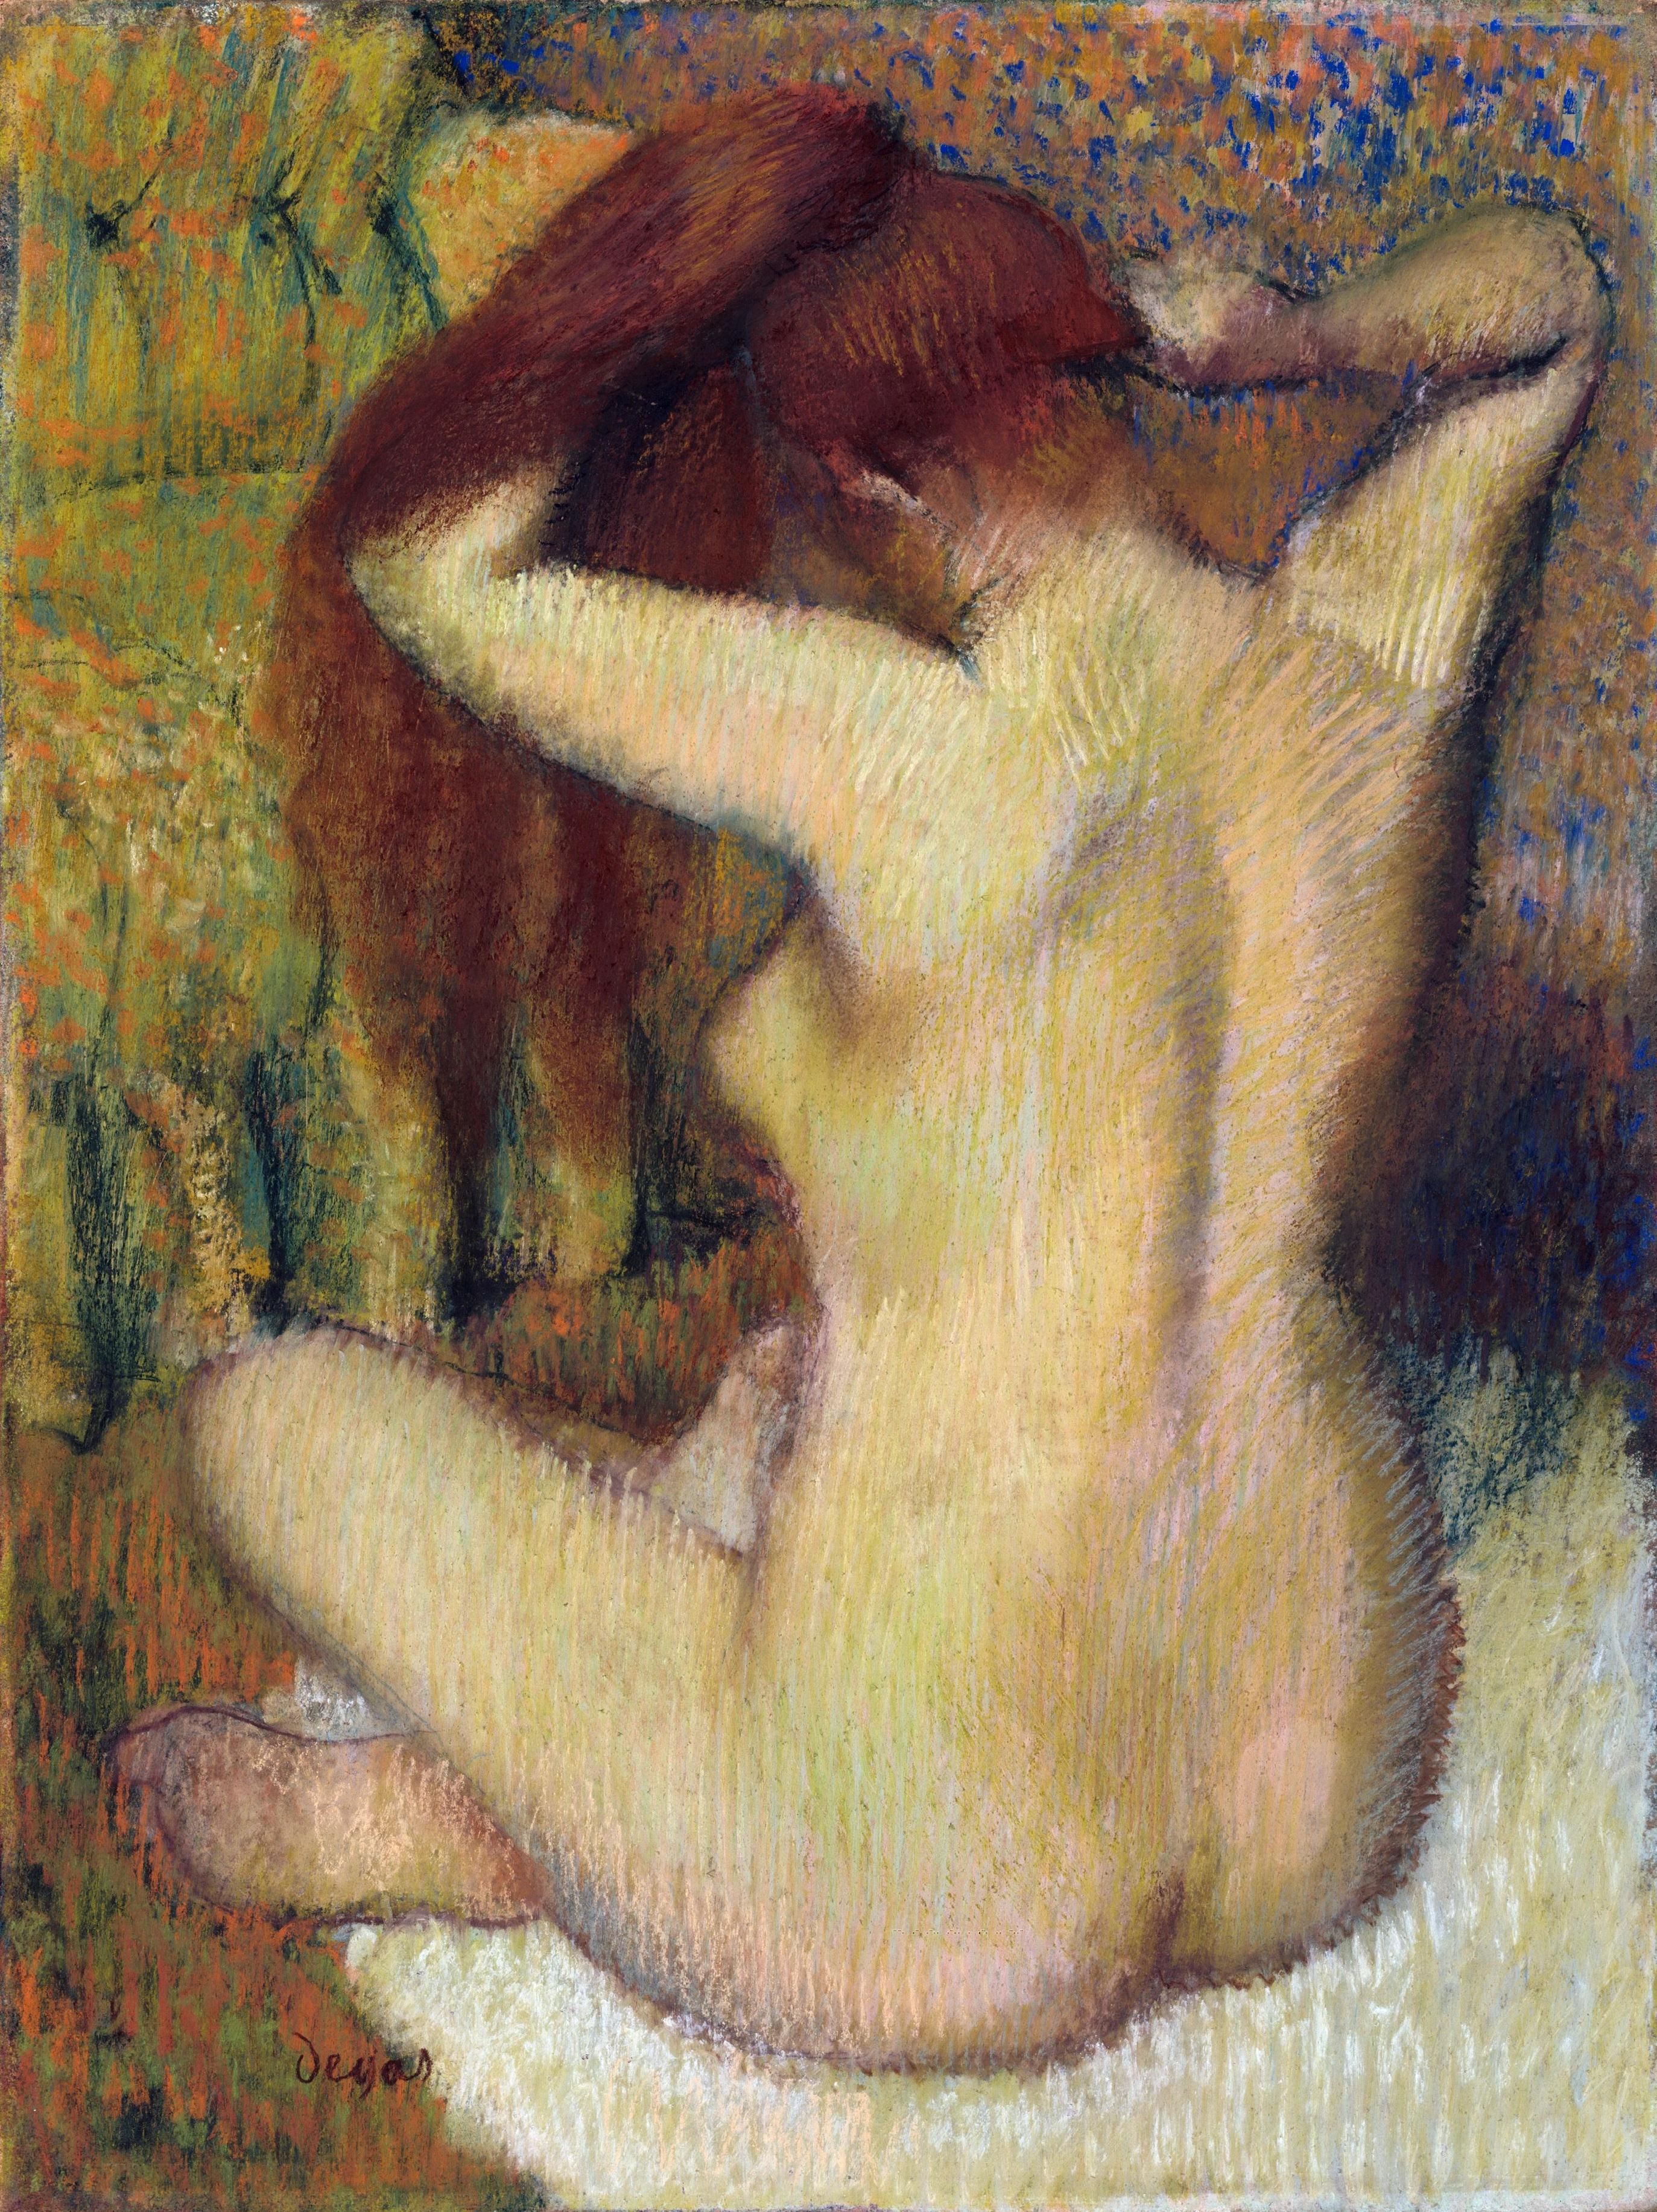 Edgar Degas, 1834-1917. Женщина, расчёсывающая свои волосы. 1888-1890. 61.3 х 46 см. Нью-Йорк, музей Метрополитен